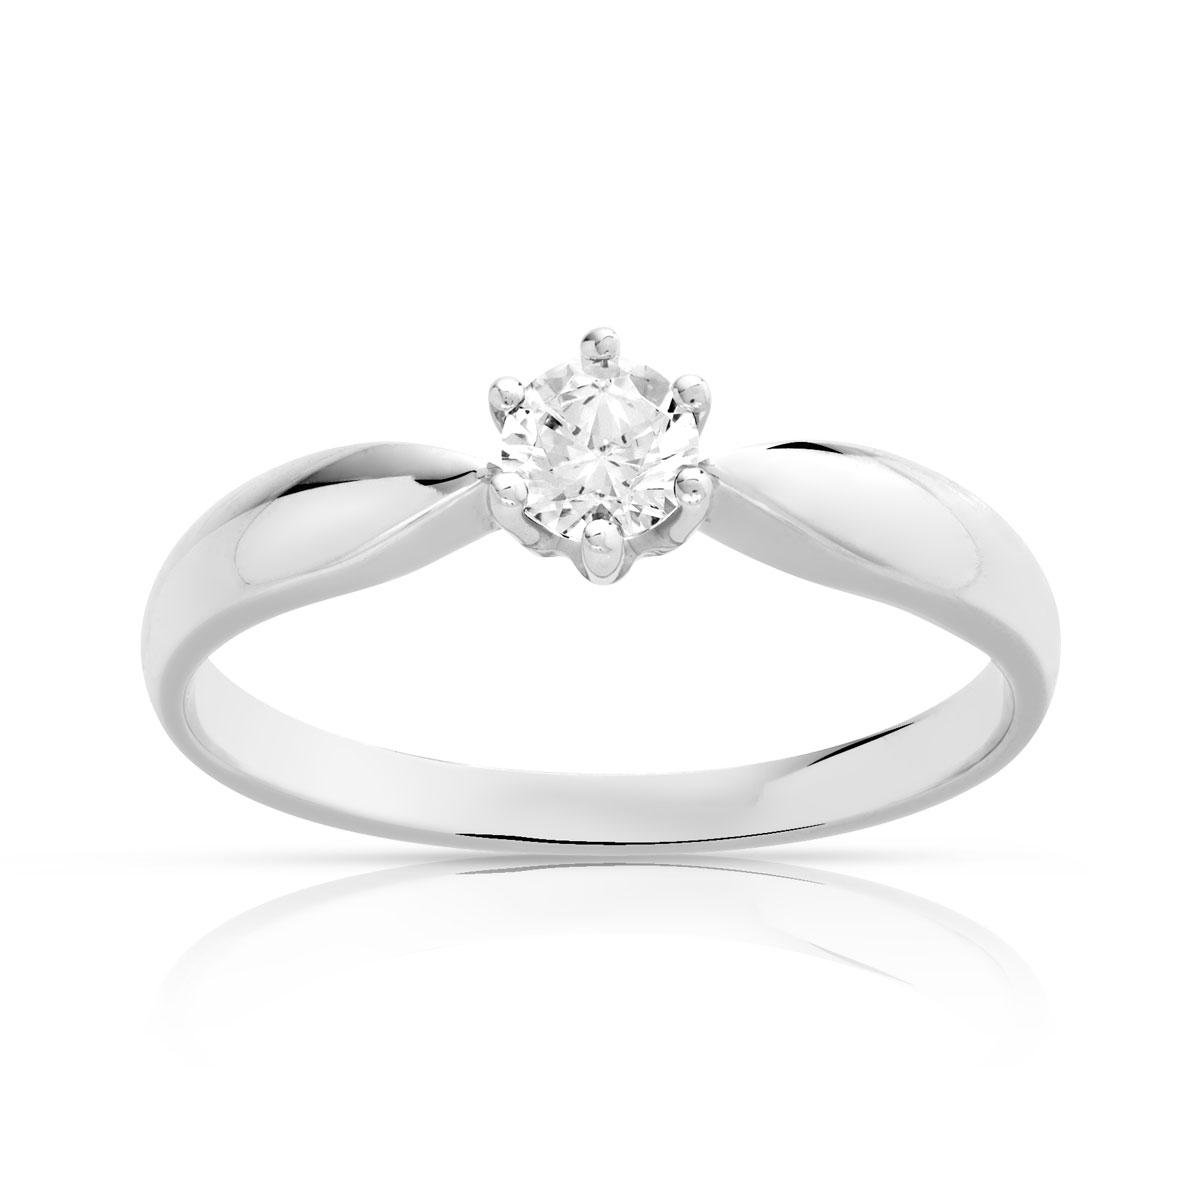 plus récent 5ac29 4ee48 Bague solitaire or 750 blanc diamant 25/100e de carat